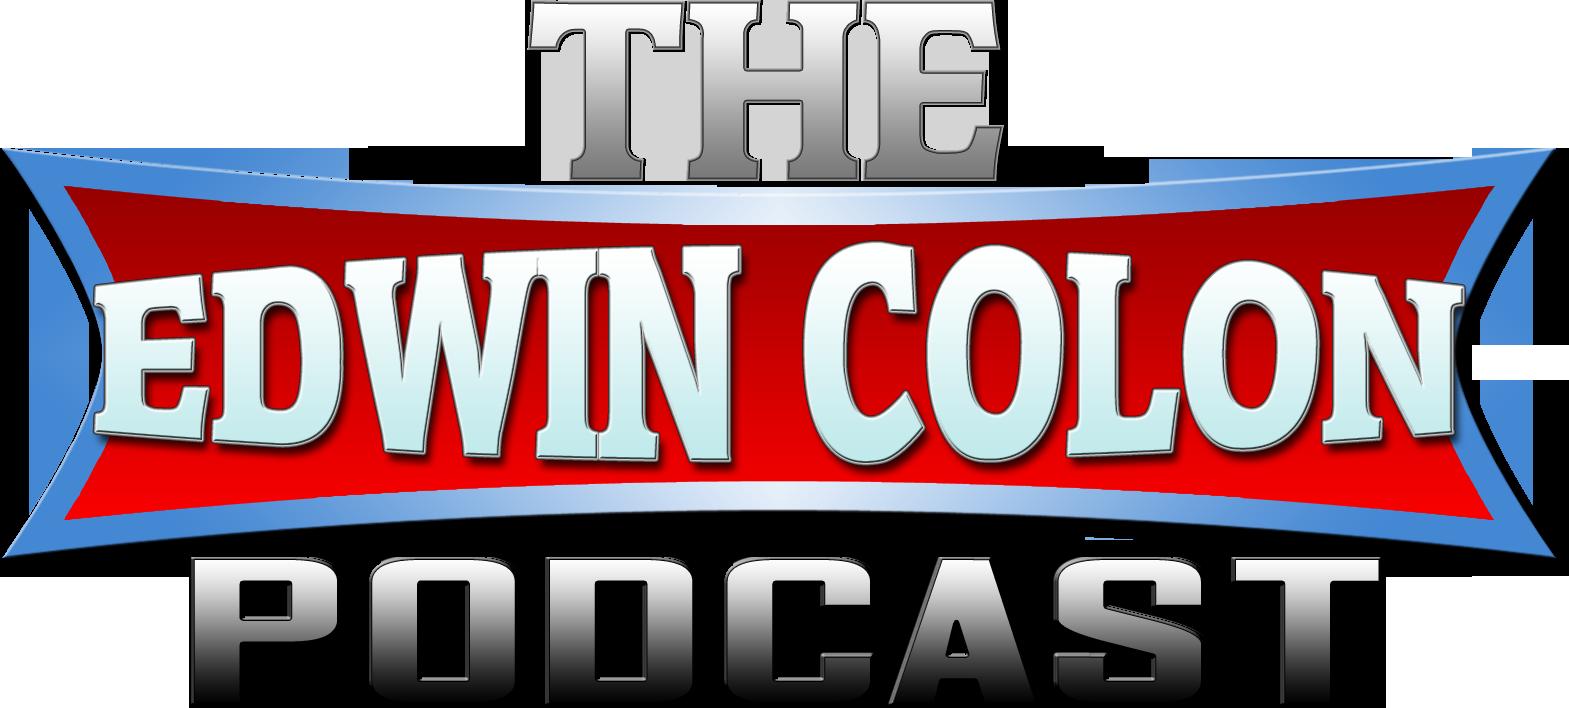 The Edwin Colon Podcast